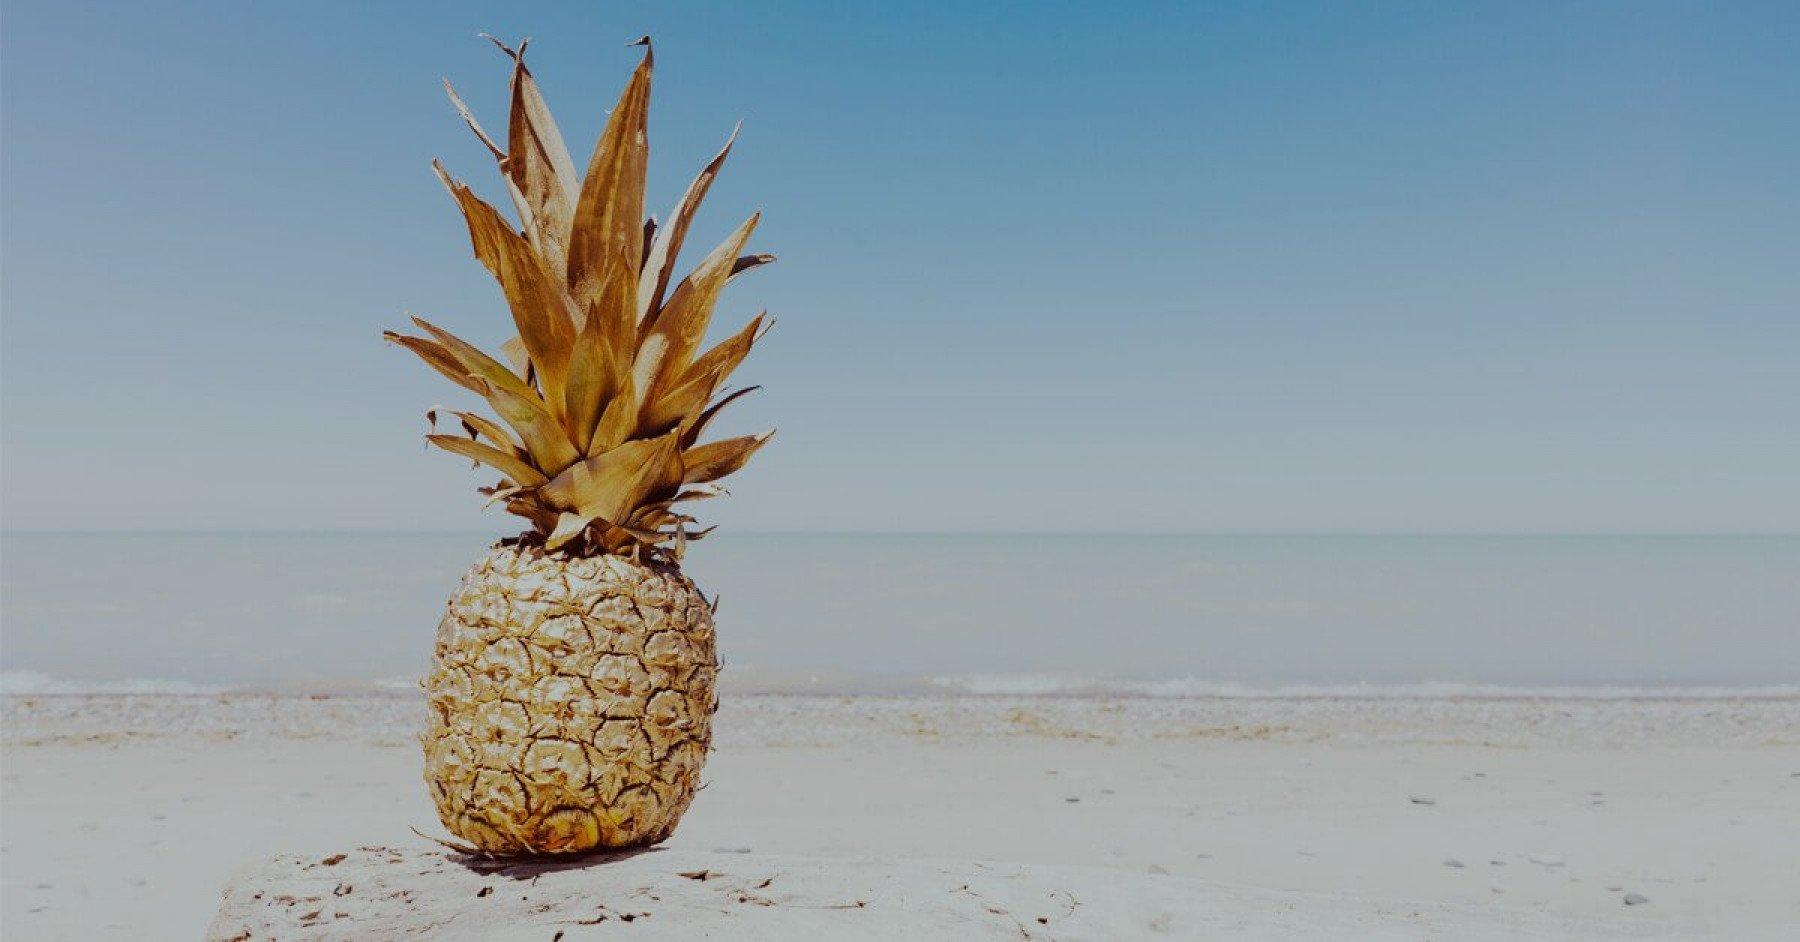 En guldig ananas på en solig sandstrand med vågor i bakgrunden